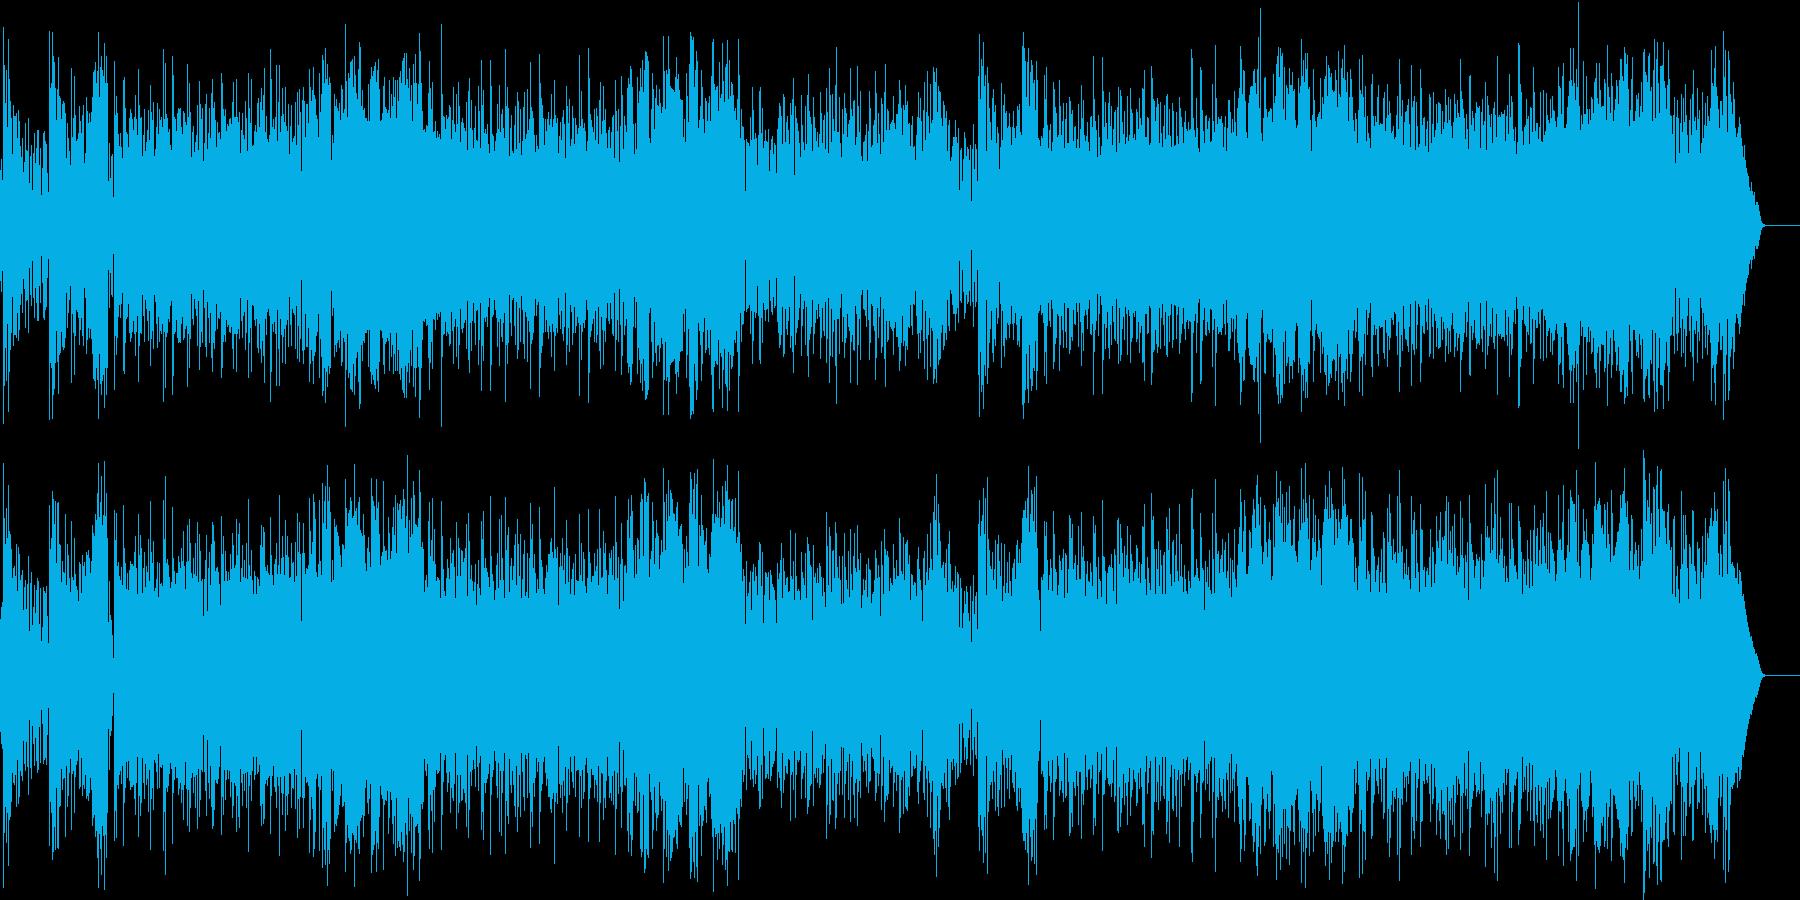 シャープな70's風クロスオーバー路線の再生済みの波形